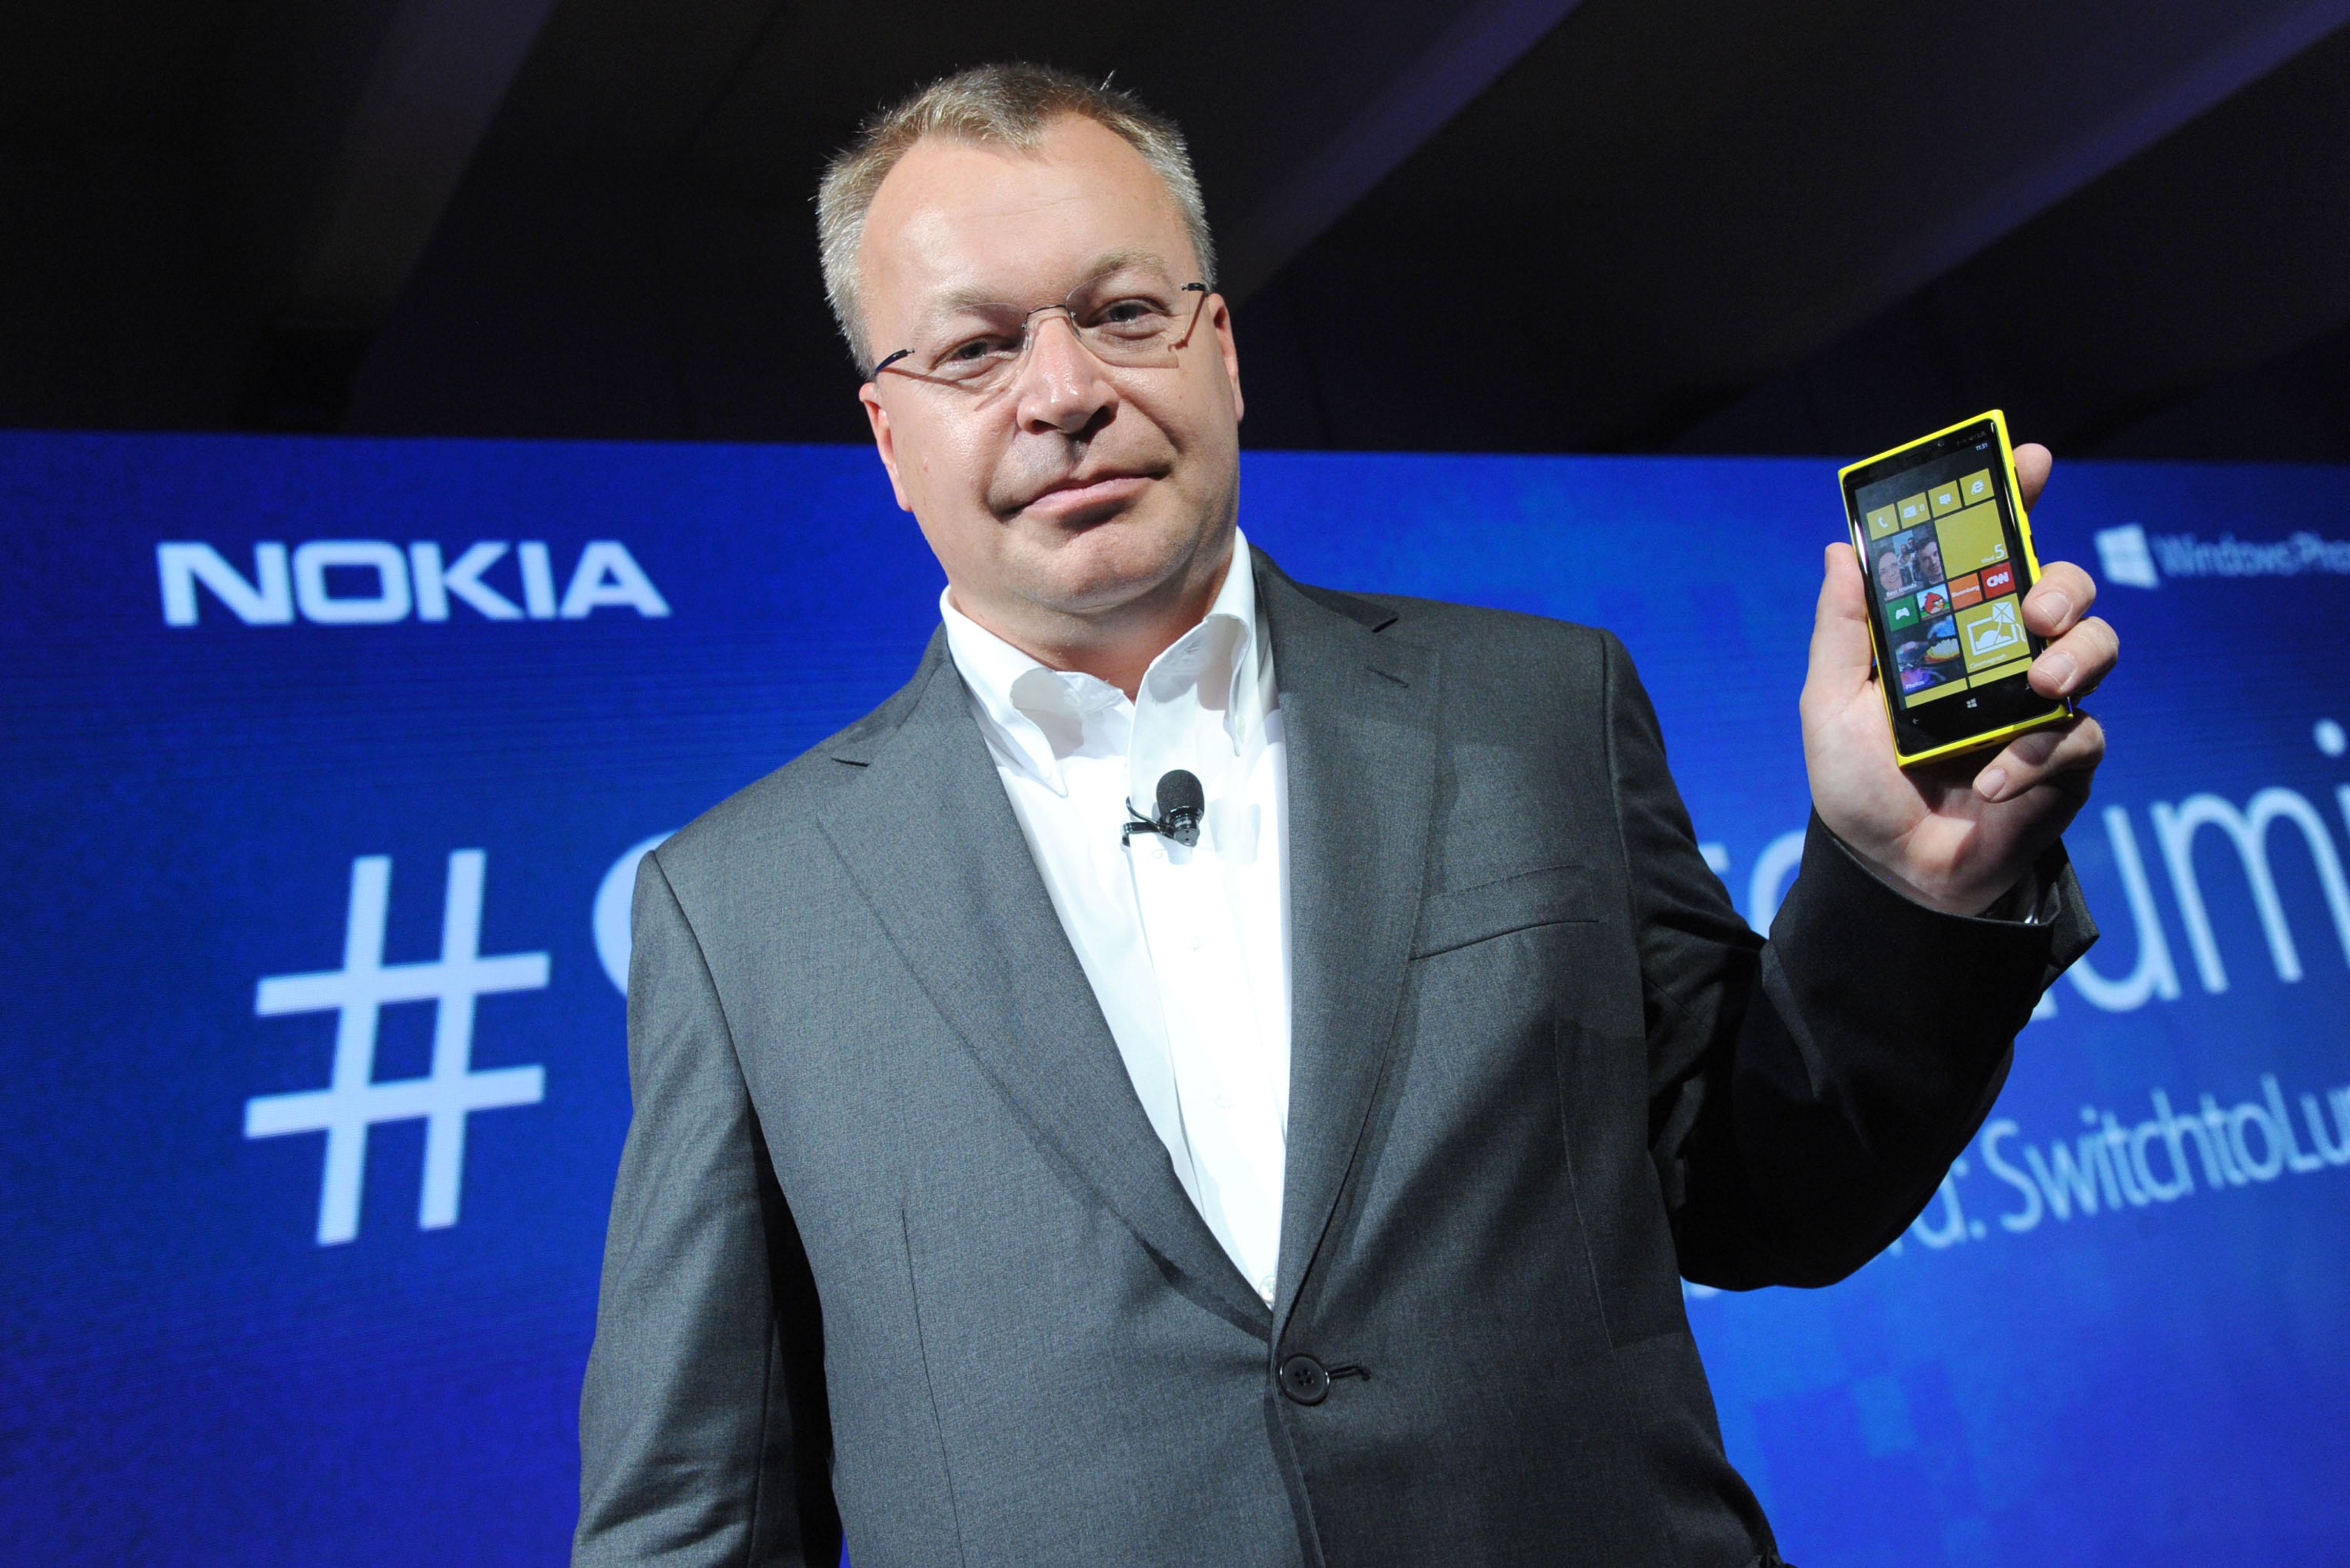 Nokia-Chef Stephen Elop im Interview: Viele neue Windows Phones noch 2013, Umstellung war richtig